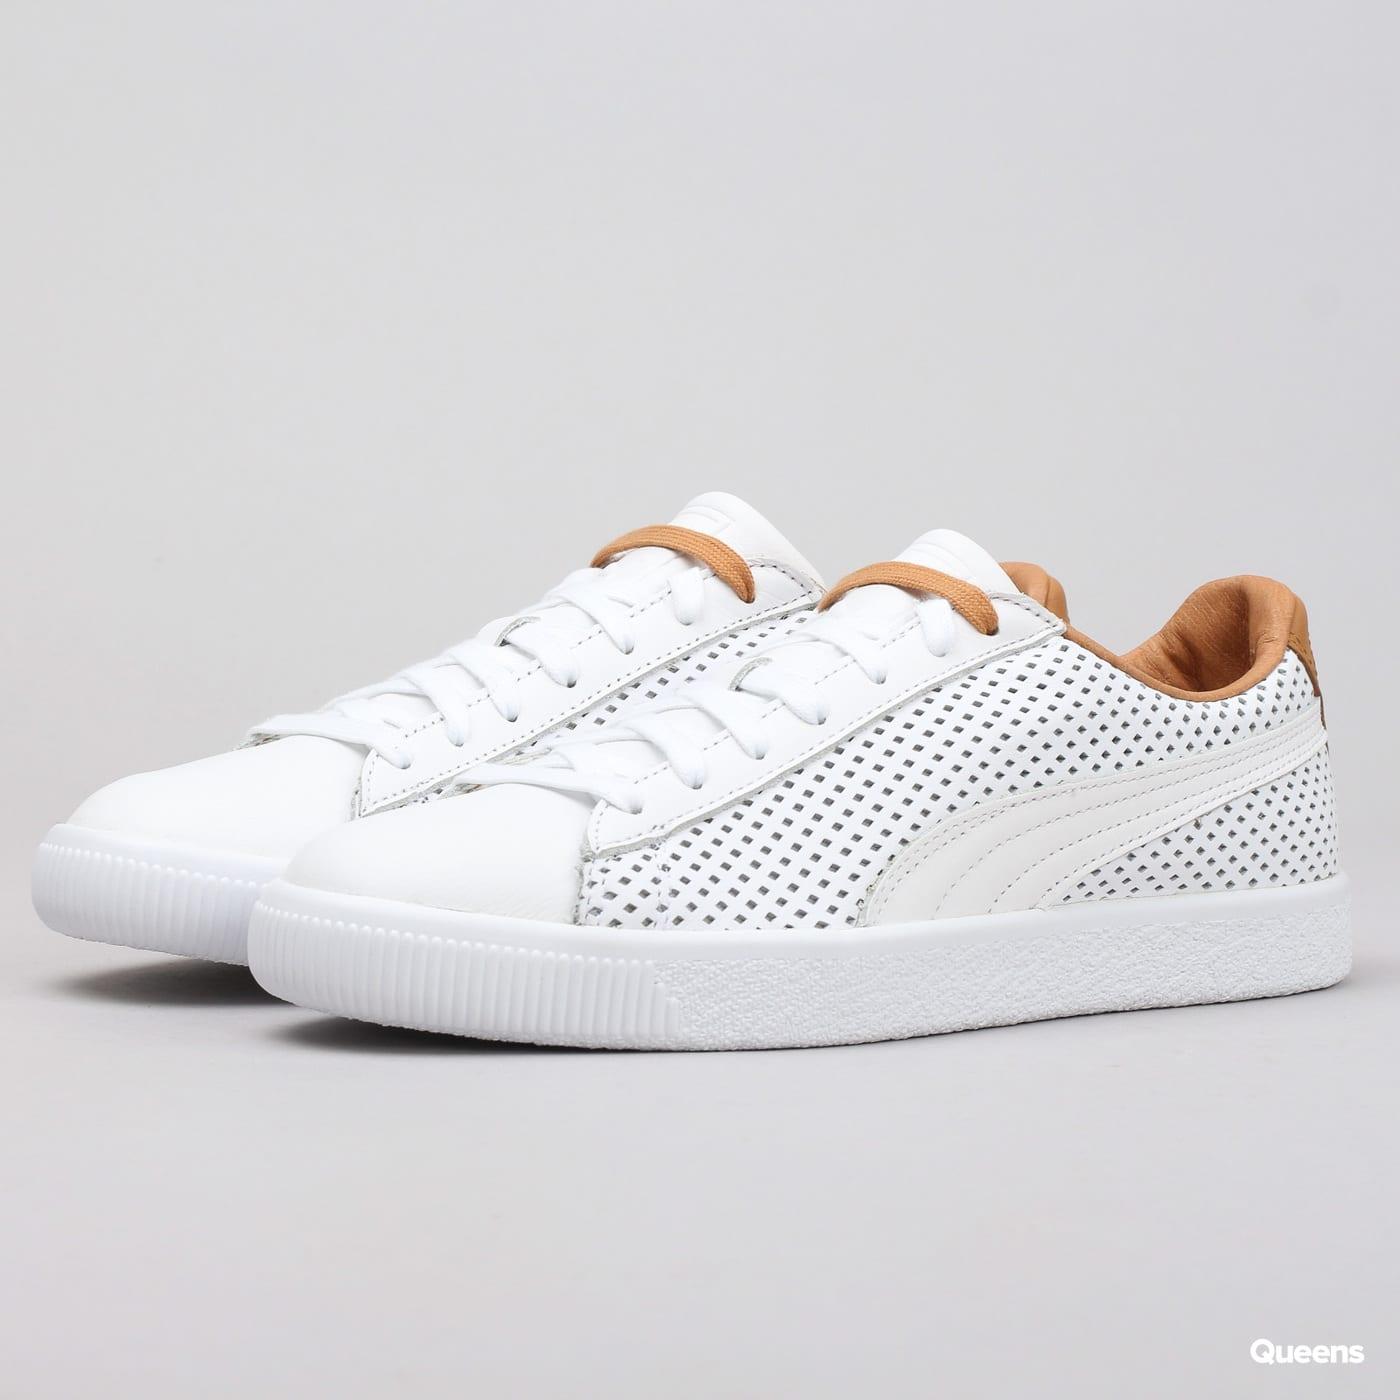 6541aa88044 Sneakers Puma Clyde Colorblock 2 (363833 01)– Queens 💚